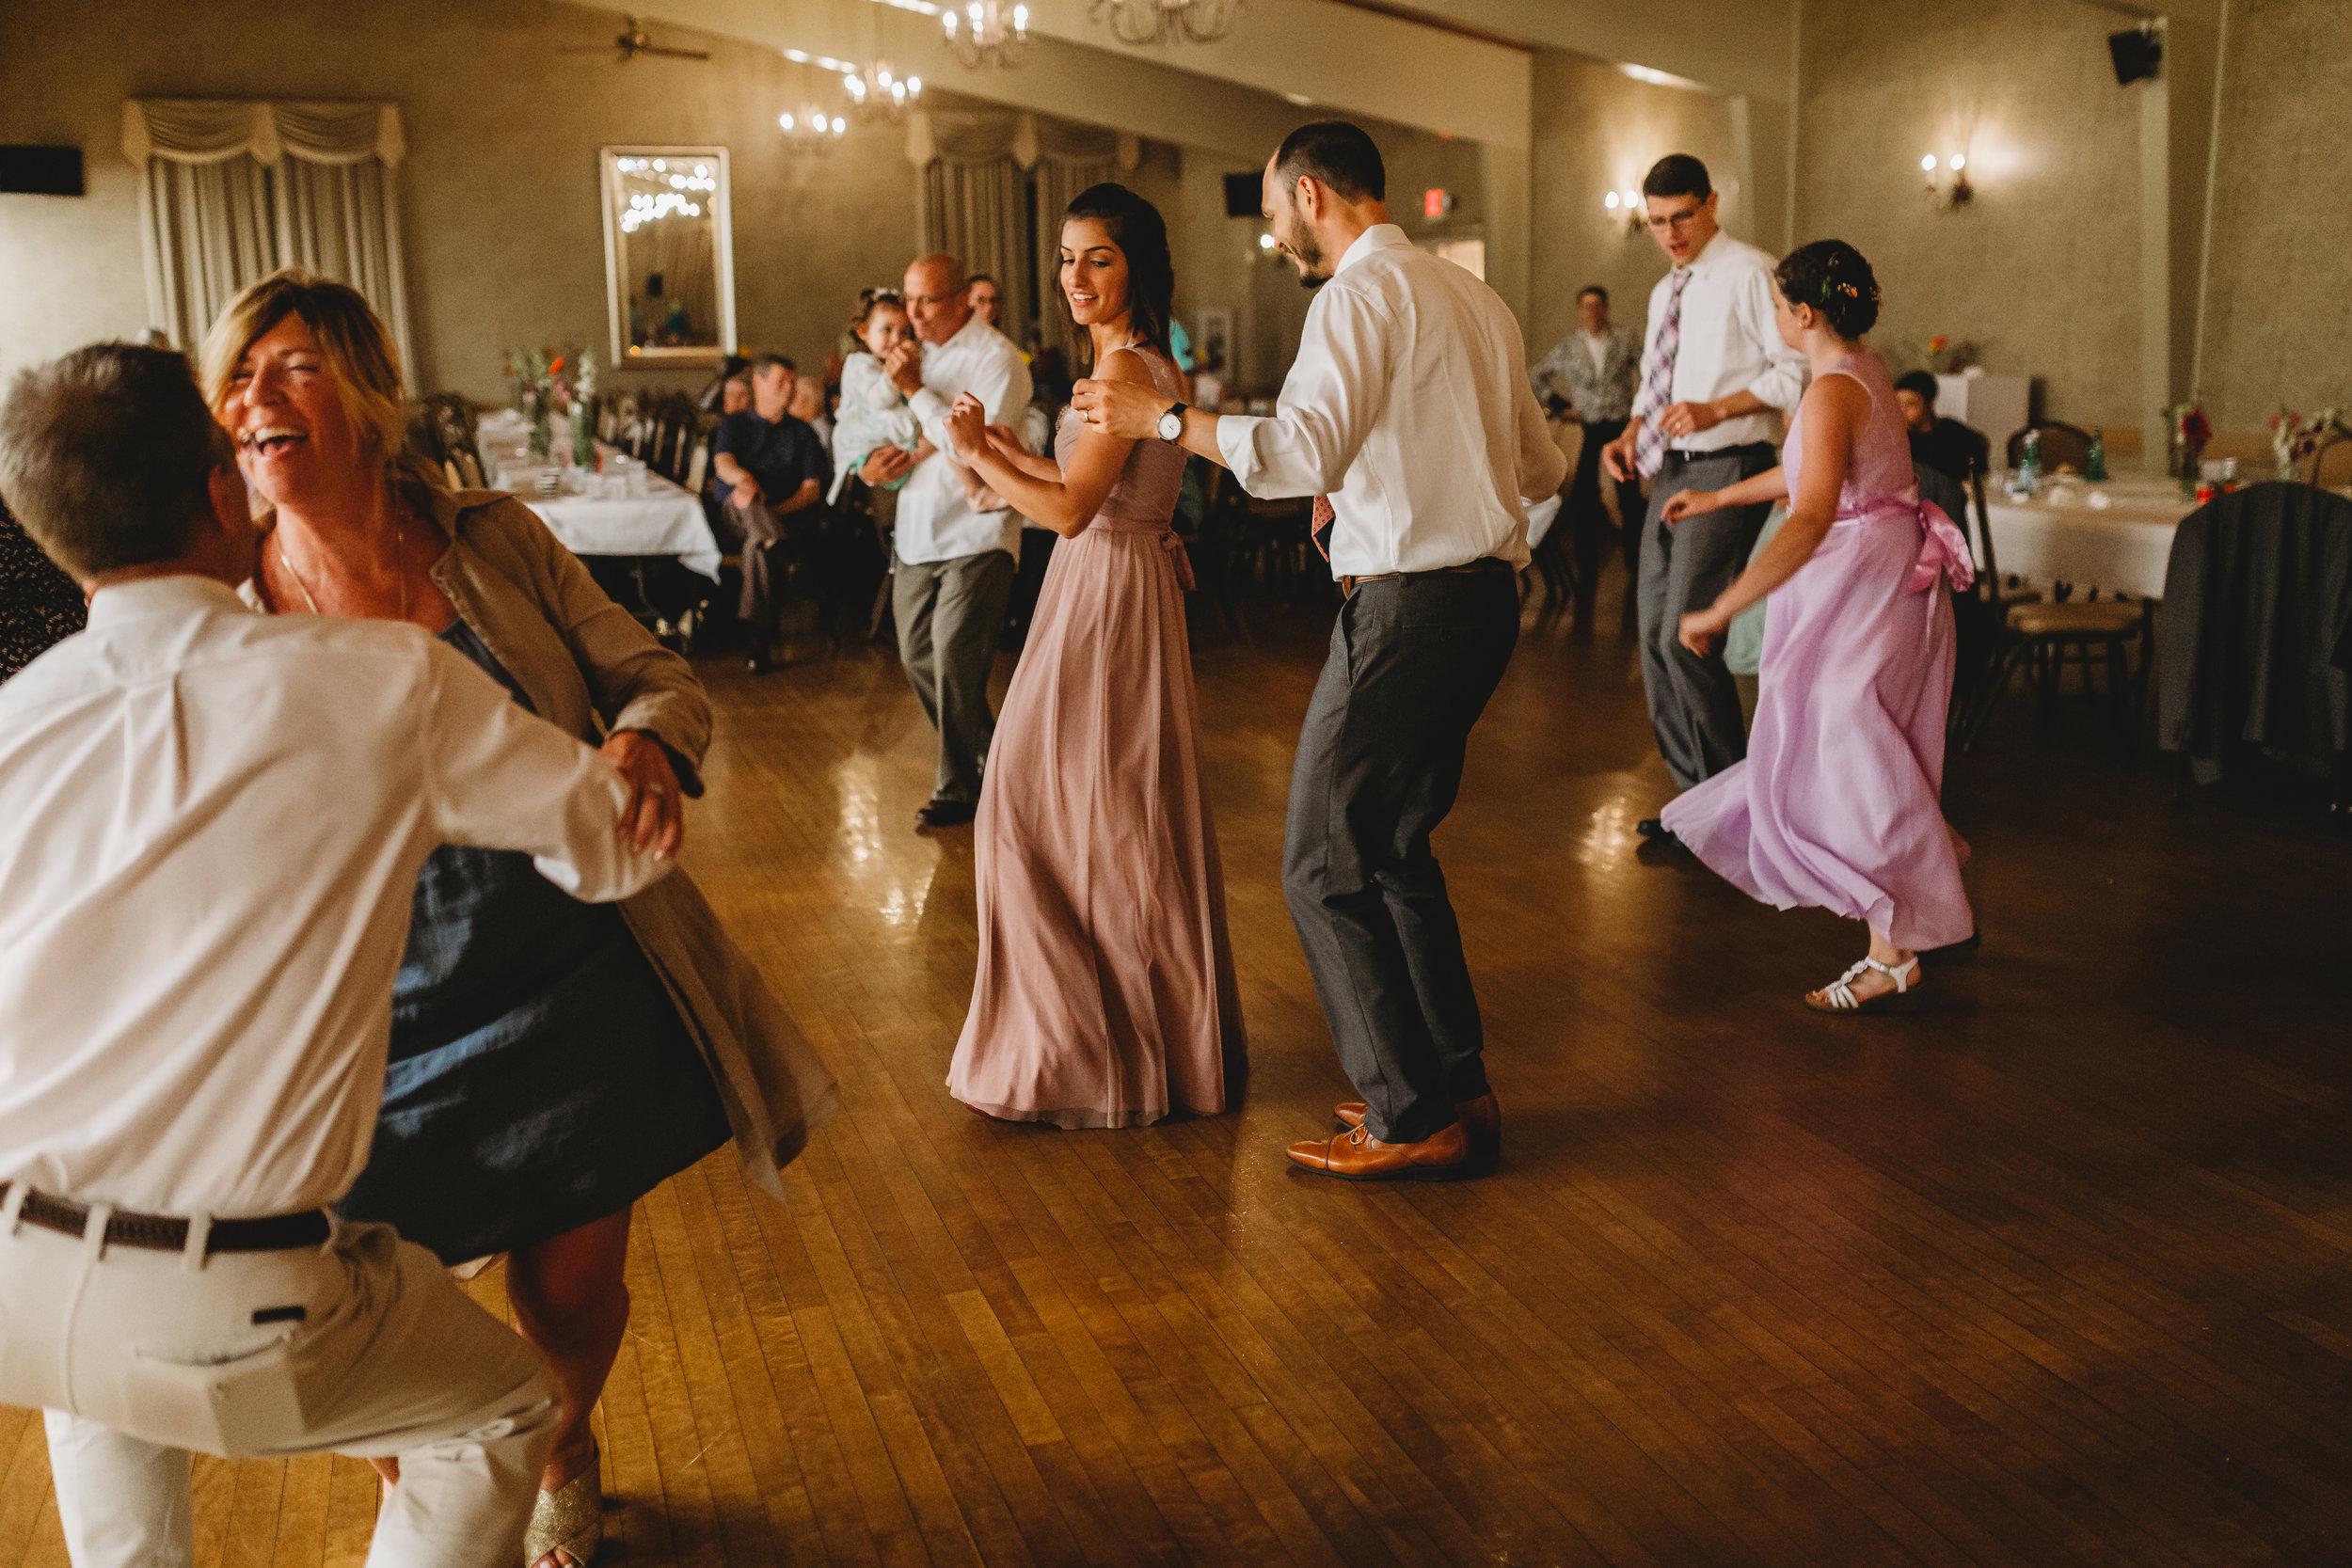 Gumlaw_Wedding_Reception-138.jpg